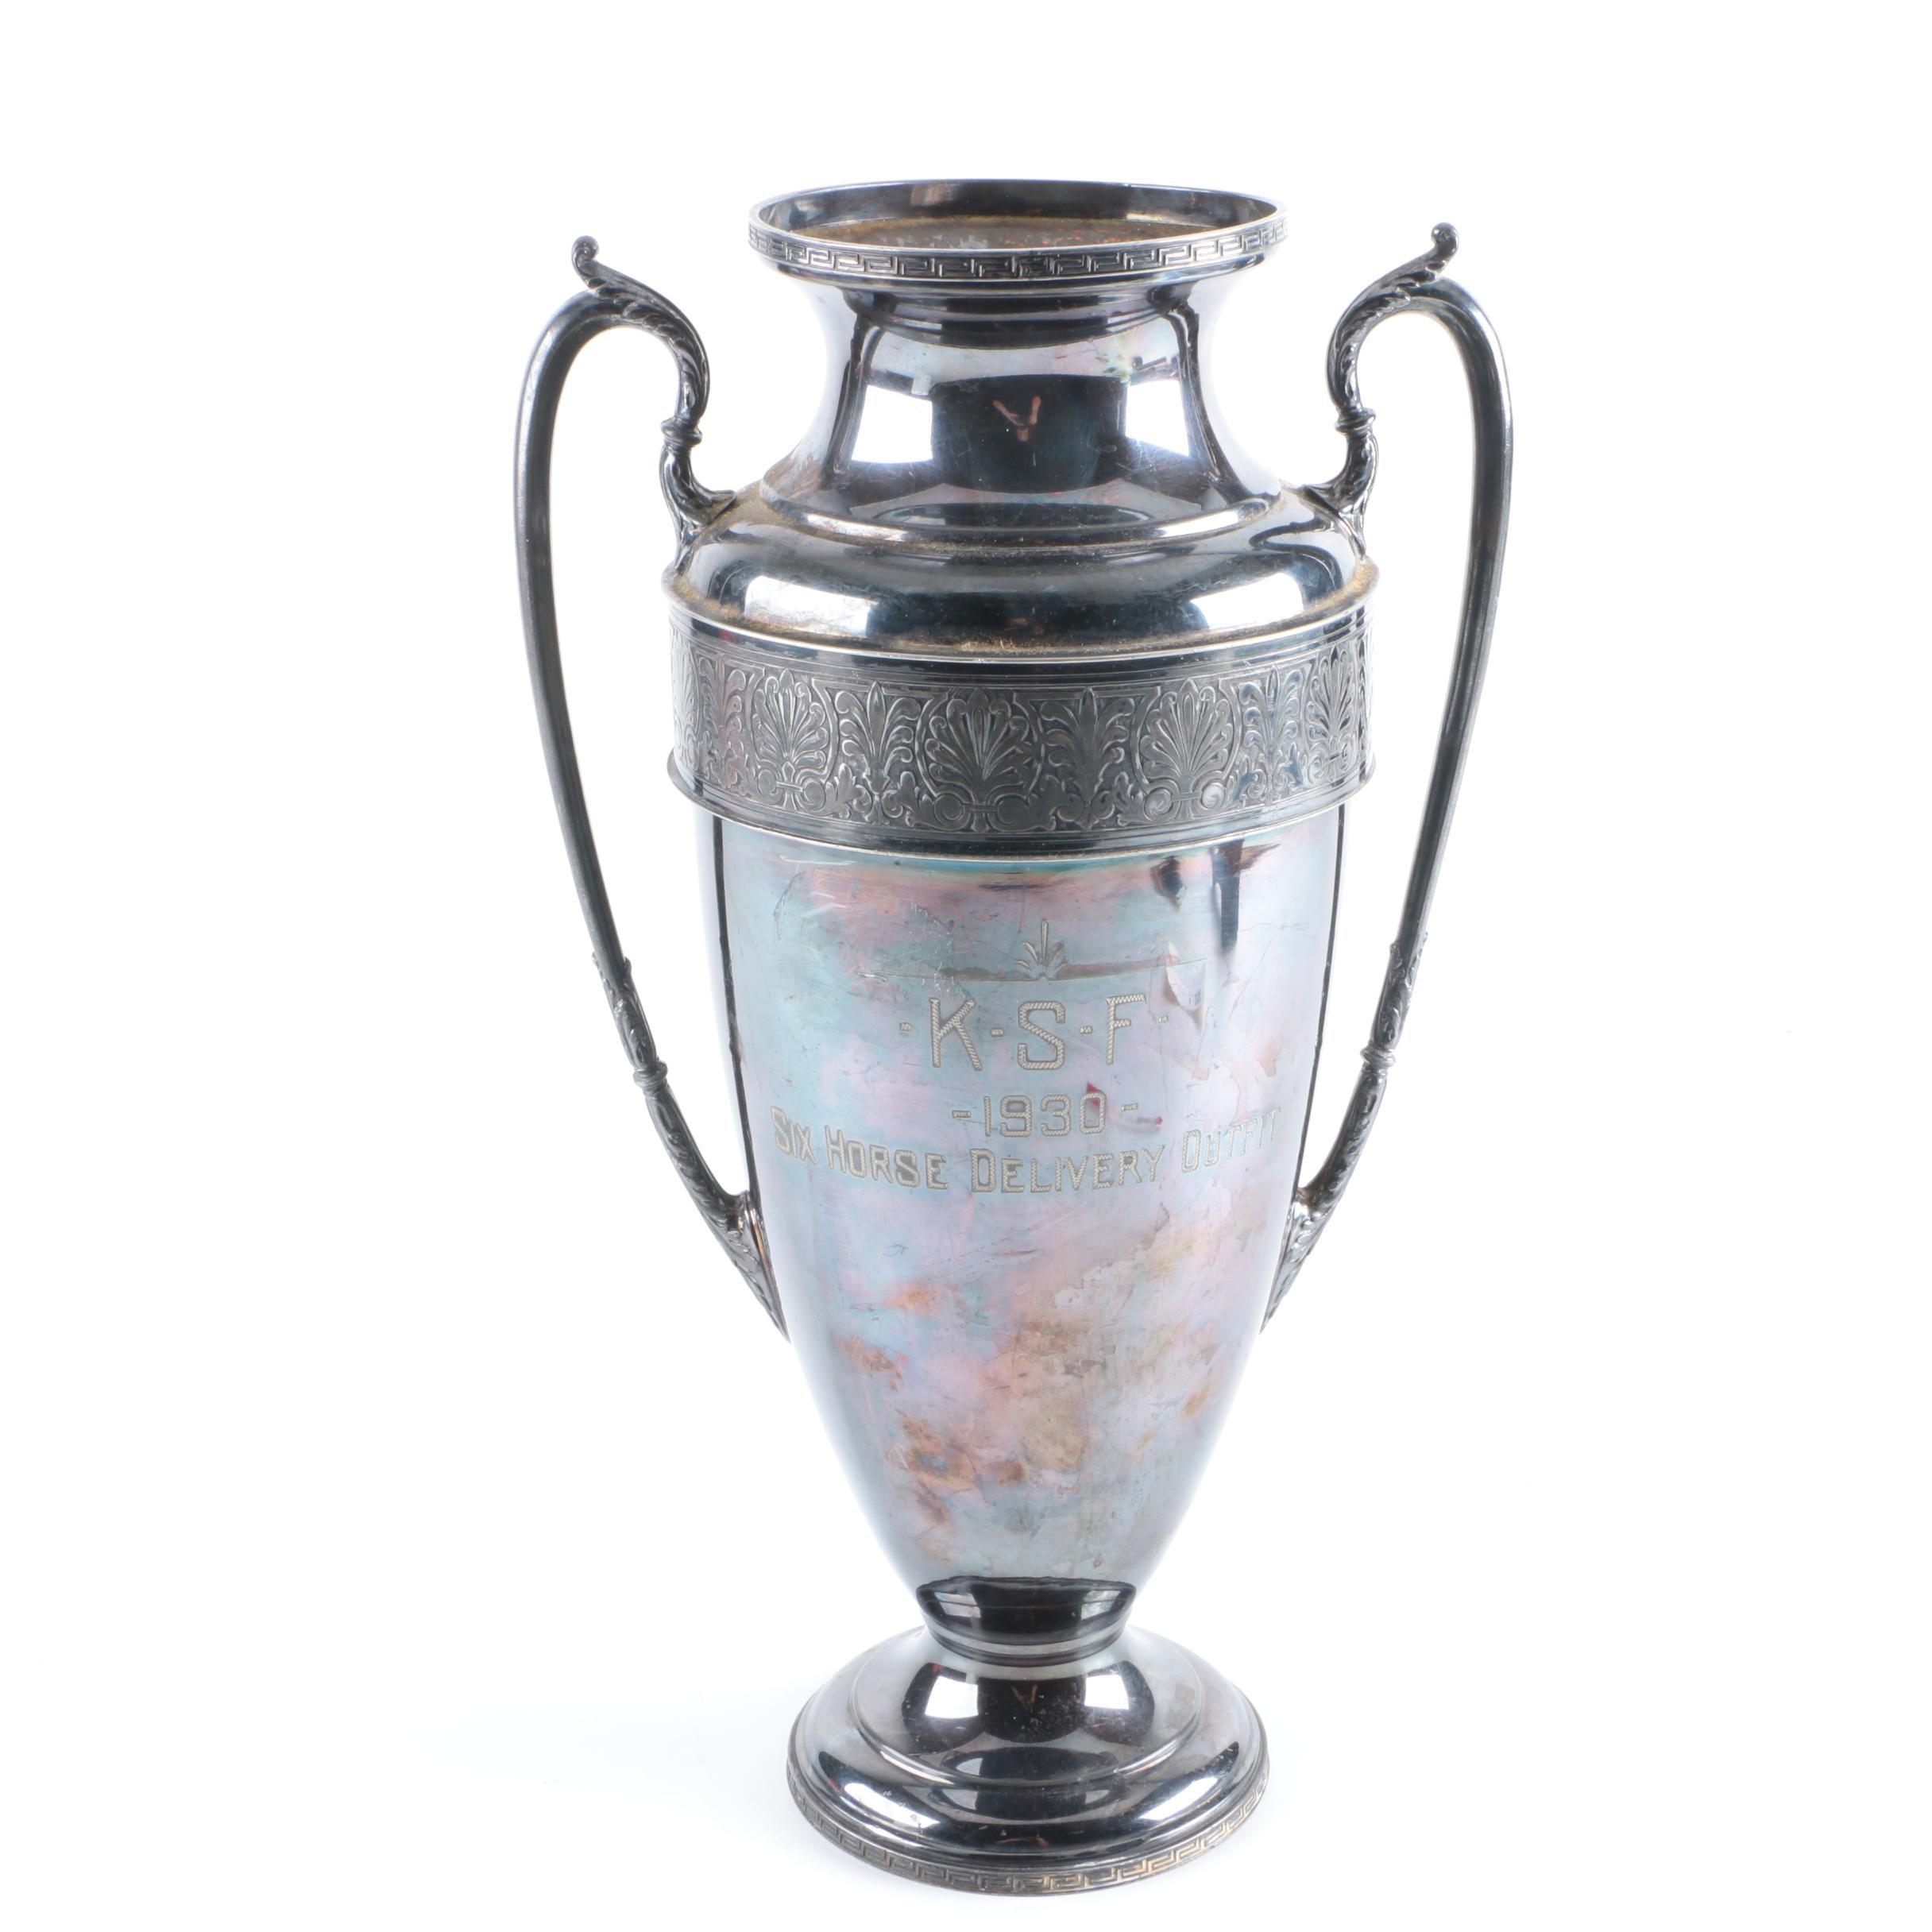 Circa 1930 Wallace Bros & Co Silver Plate Trophy